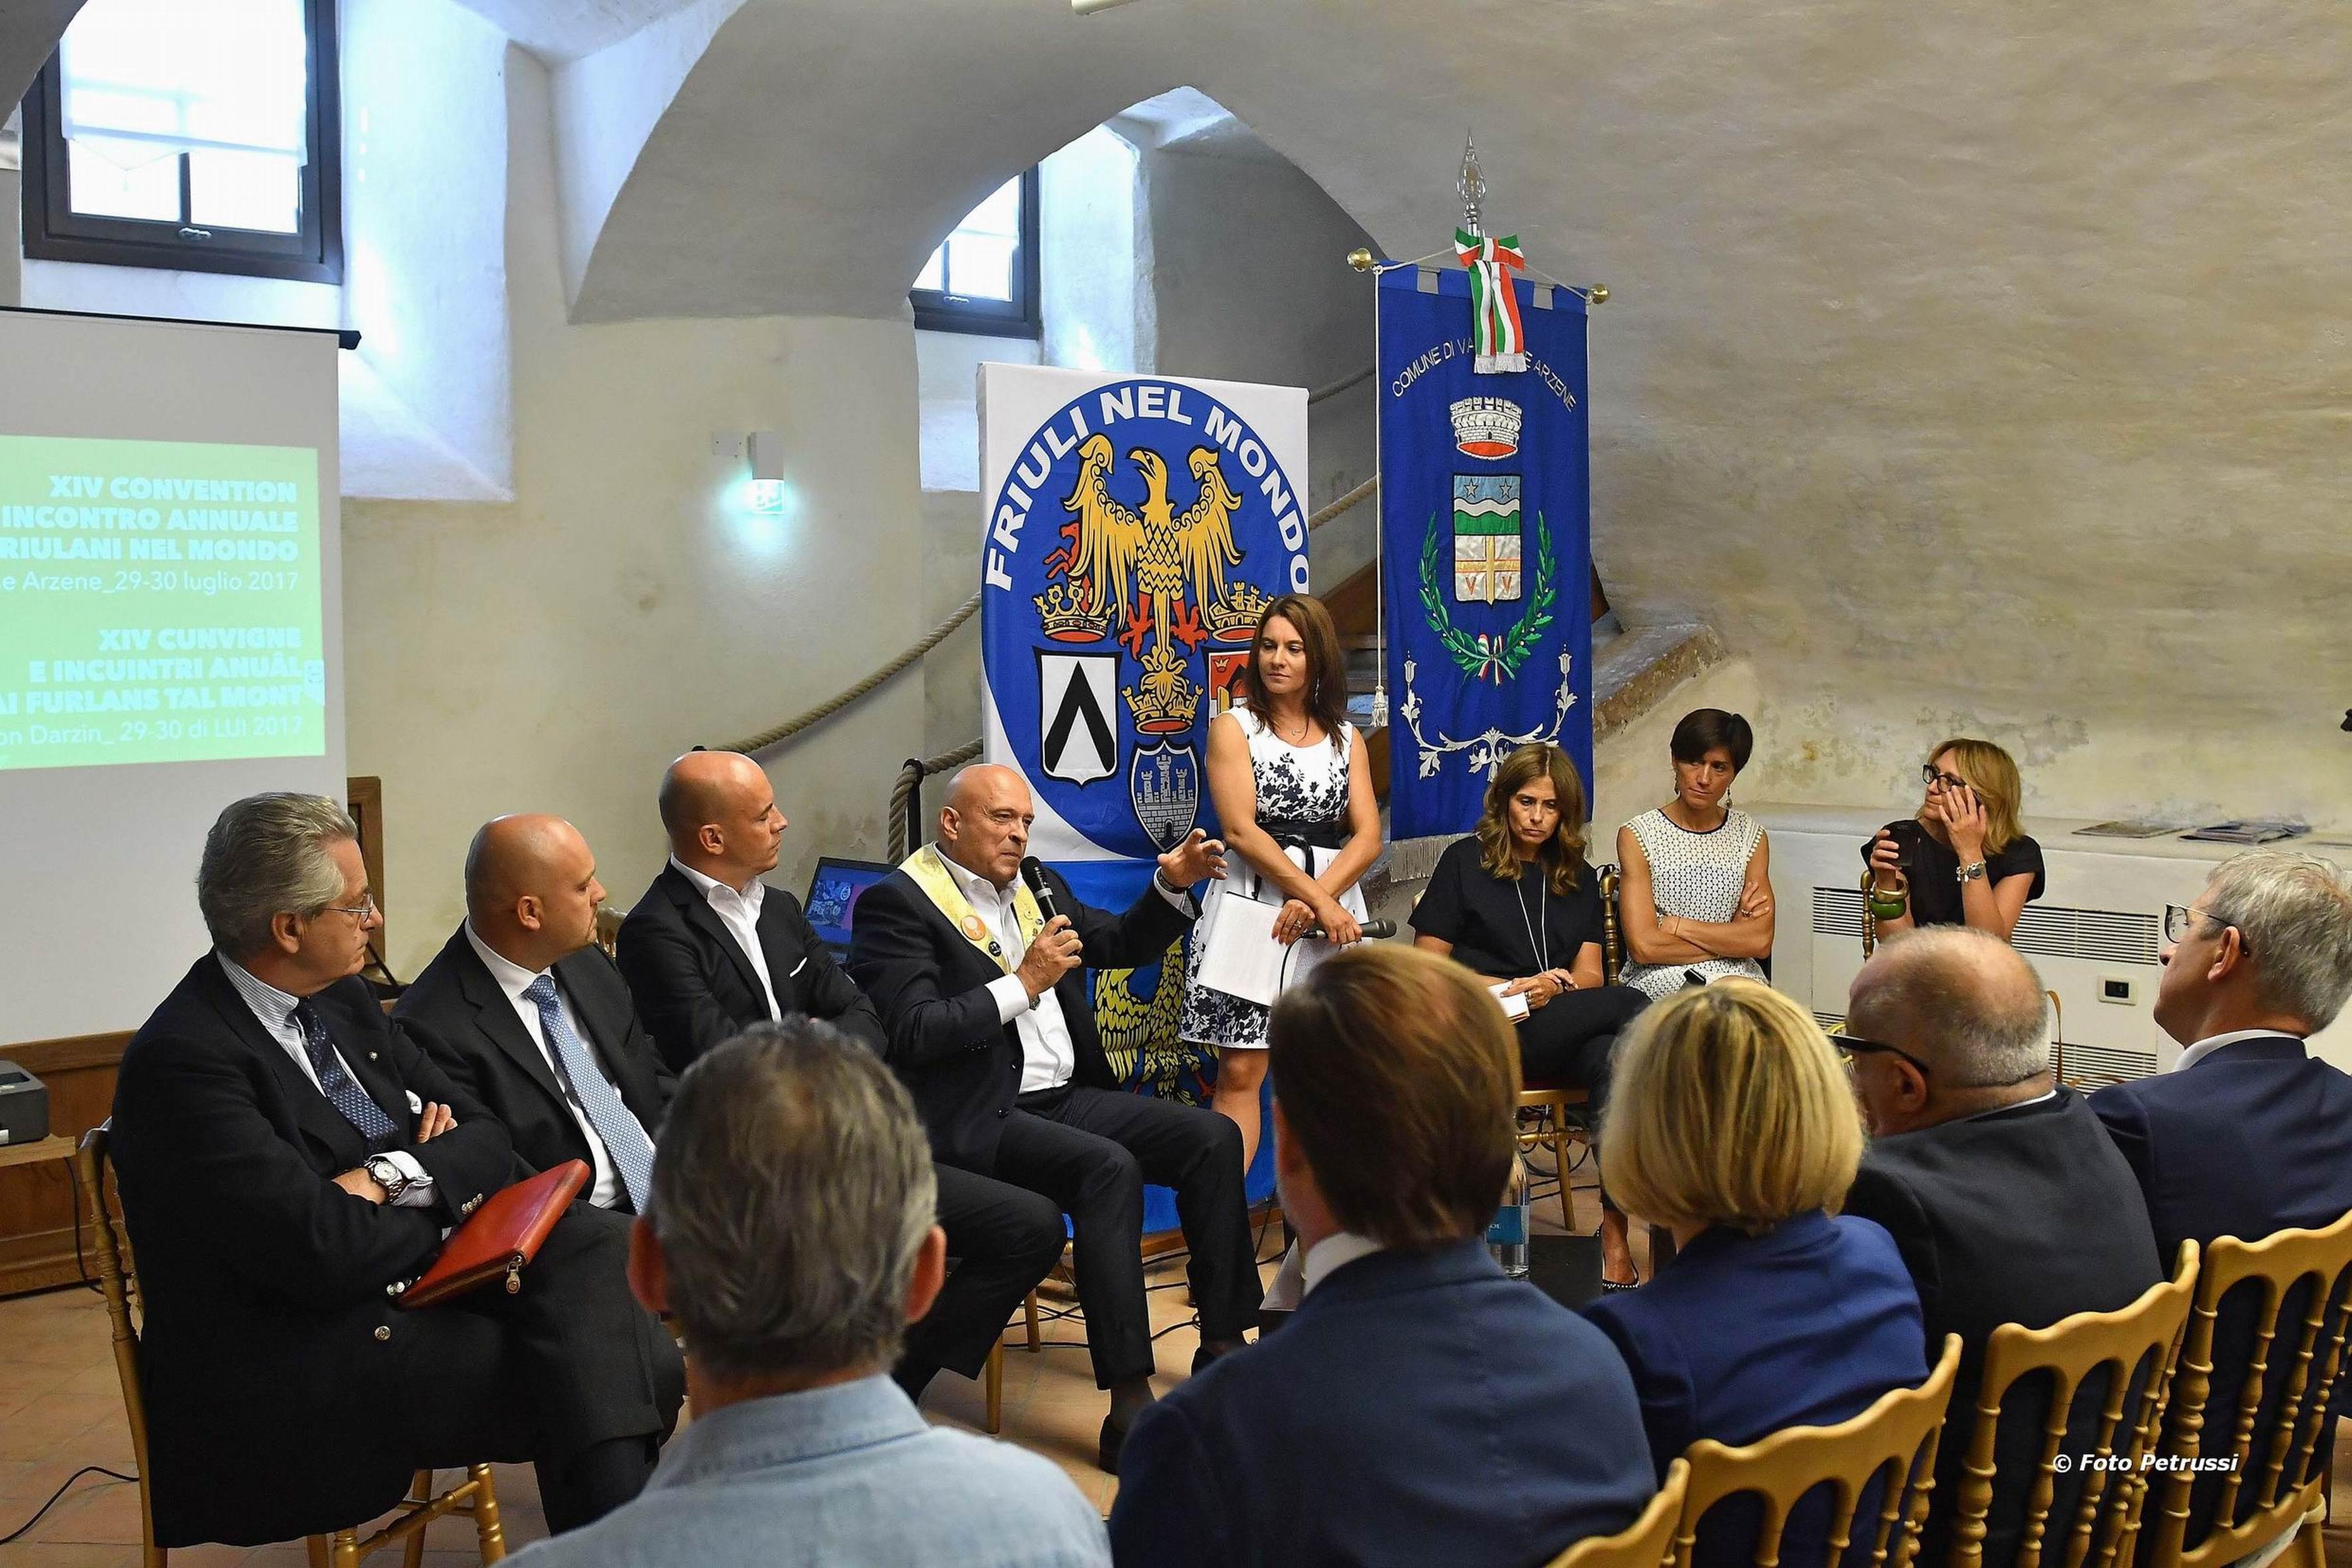 XIV Convention presso il Castello di Valvasone Arzene, sabato 29 luglio